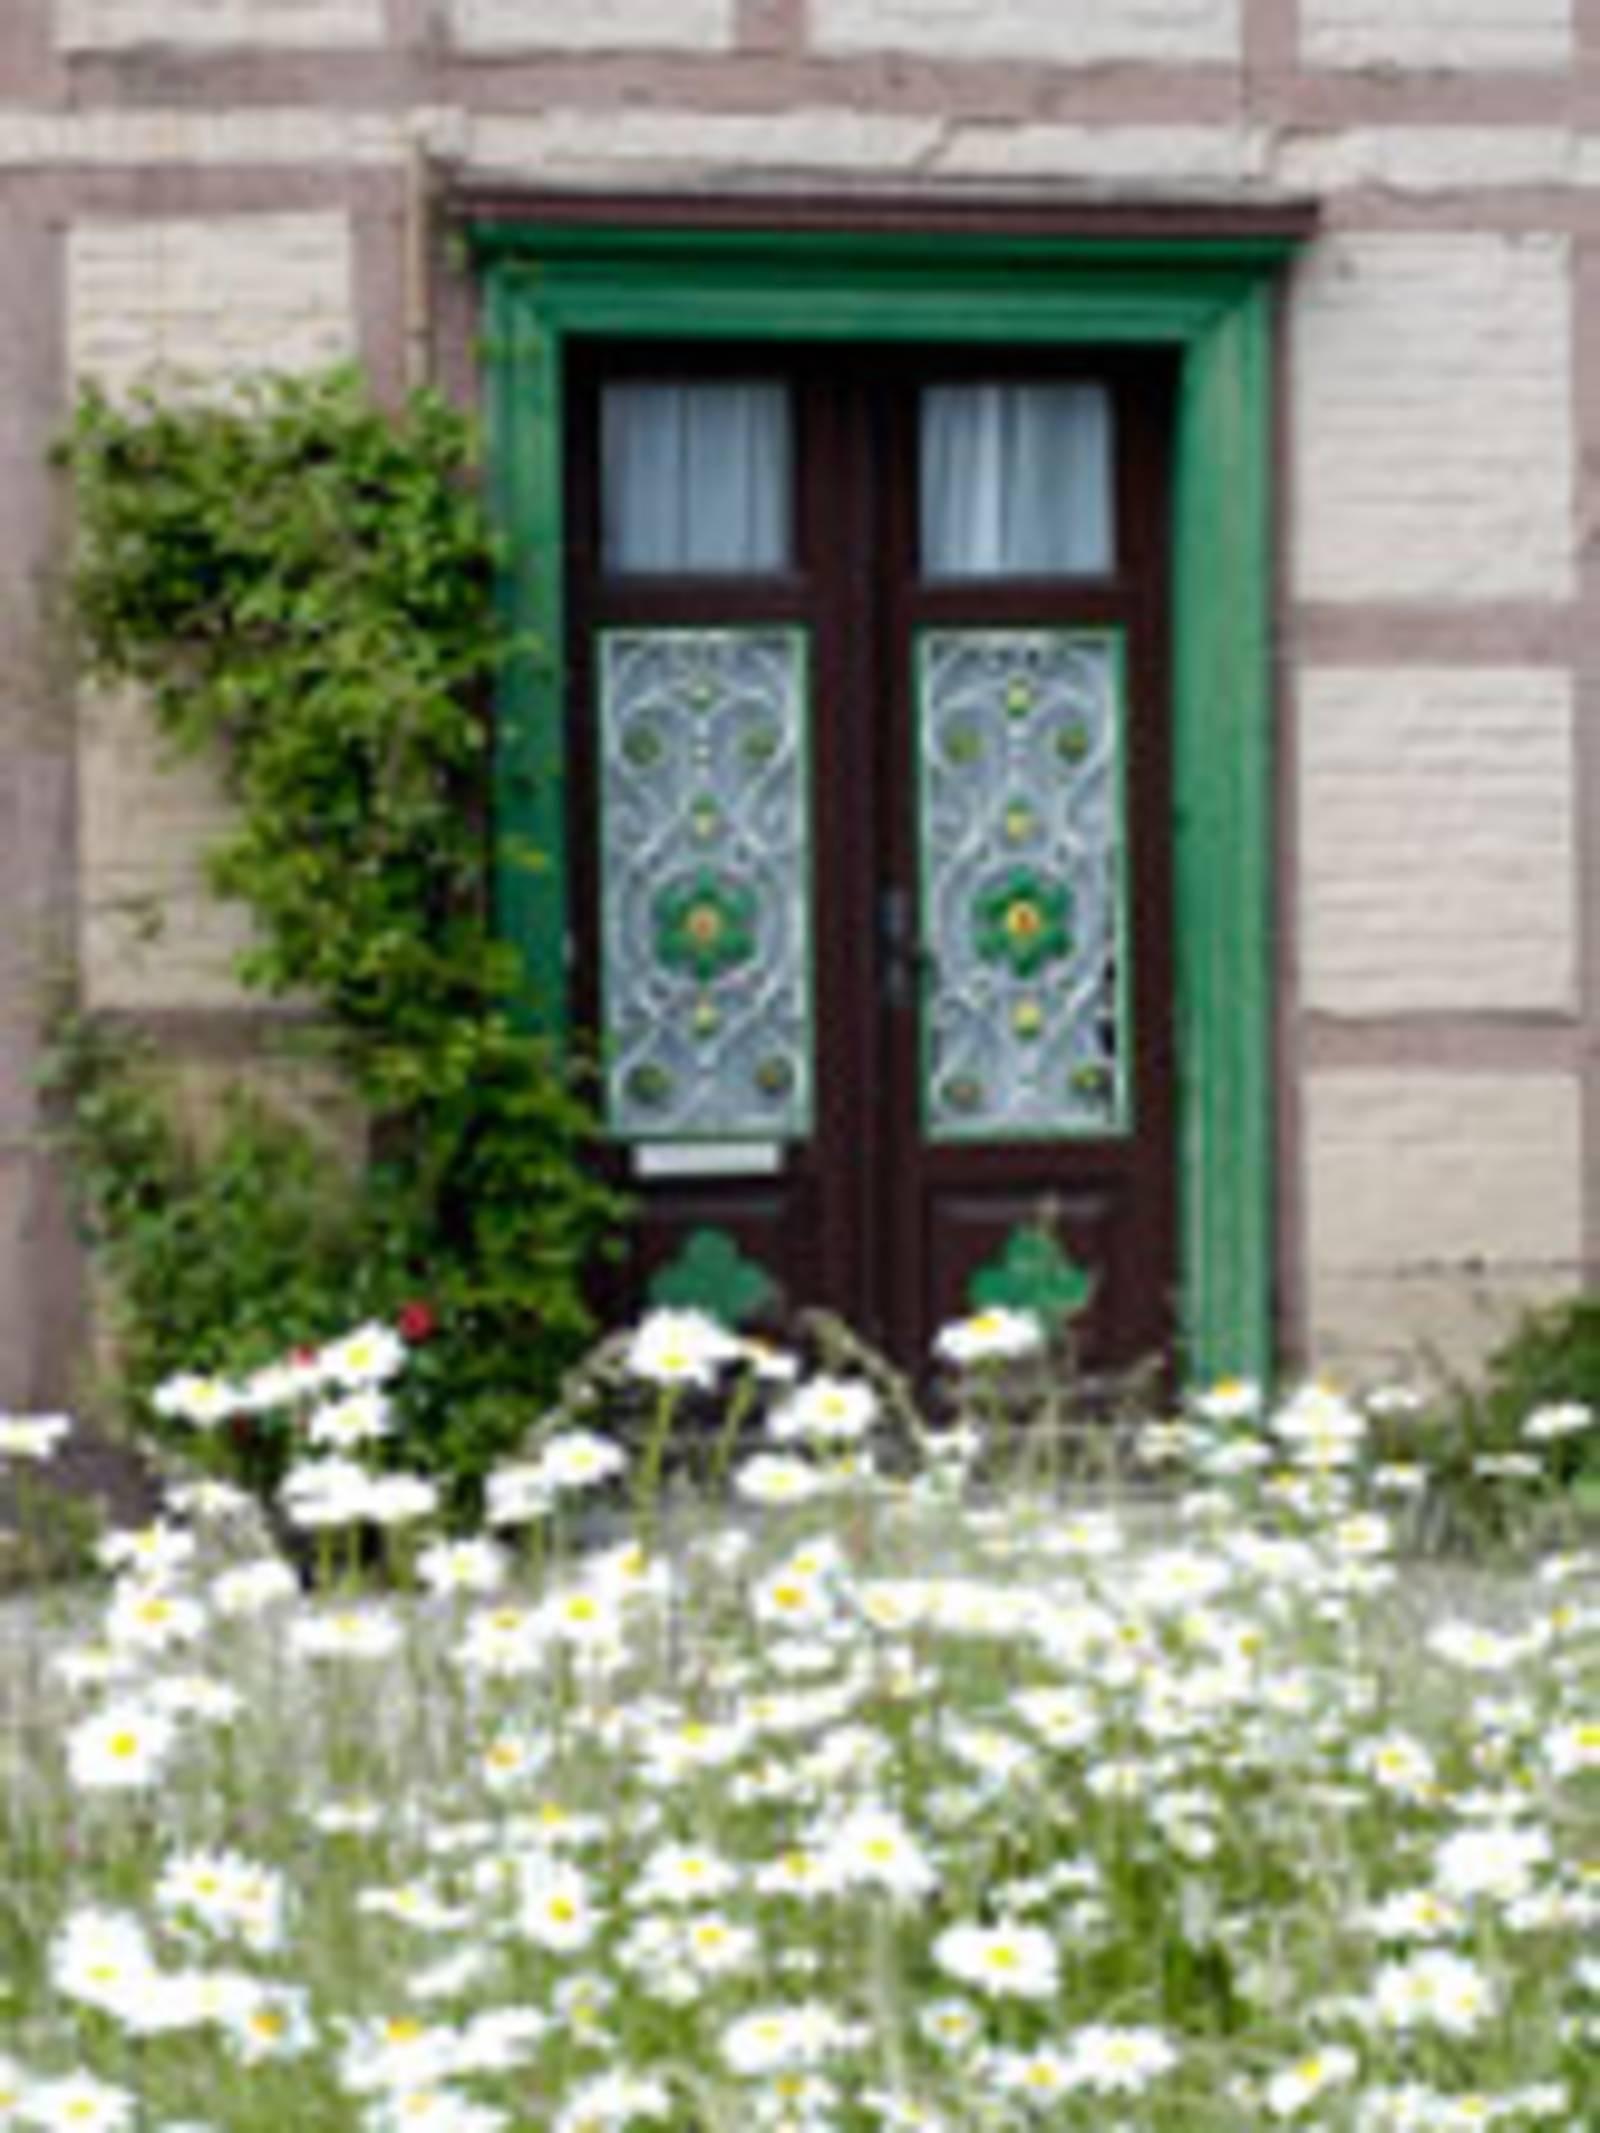 Im Vordergrund des Bildes blühen weiße Margeriten. Dahinter befindet sich eine Eingangstür eines Fachwerkhauses. Die braune Tür hat eine grünen Türrahmen. Links von der Tür befindet sich eine Rankpflanze an der Fassade.